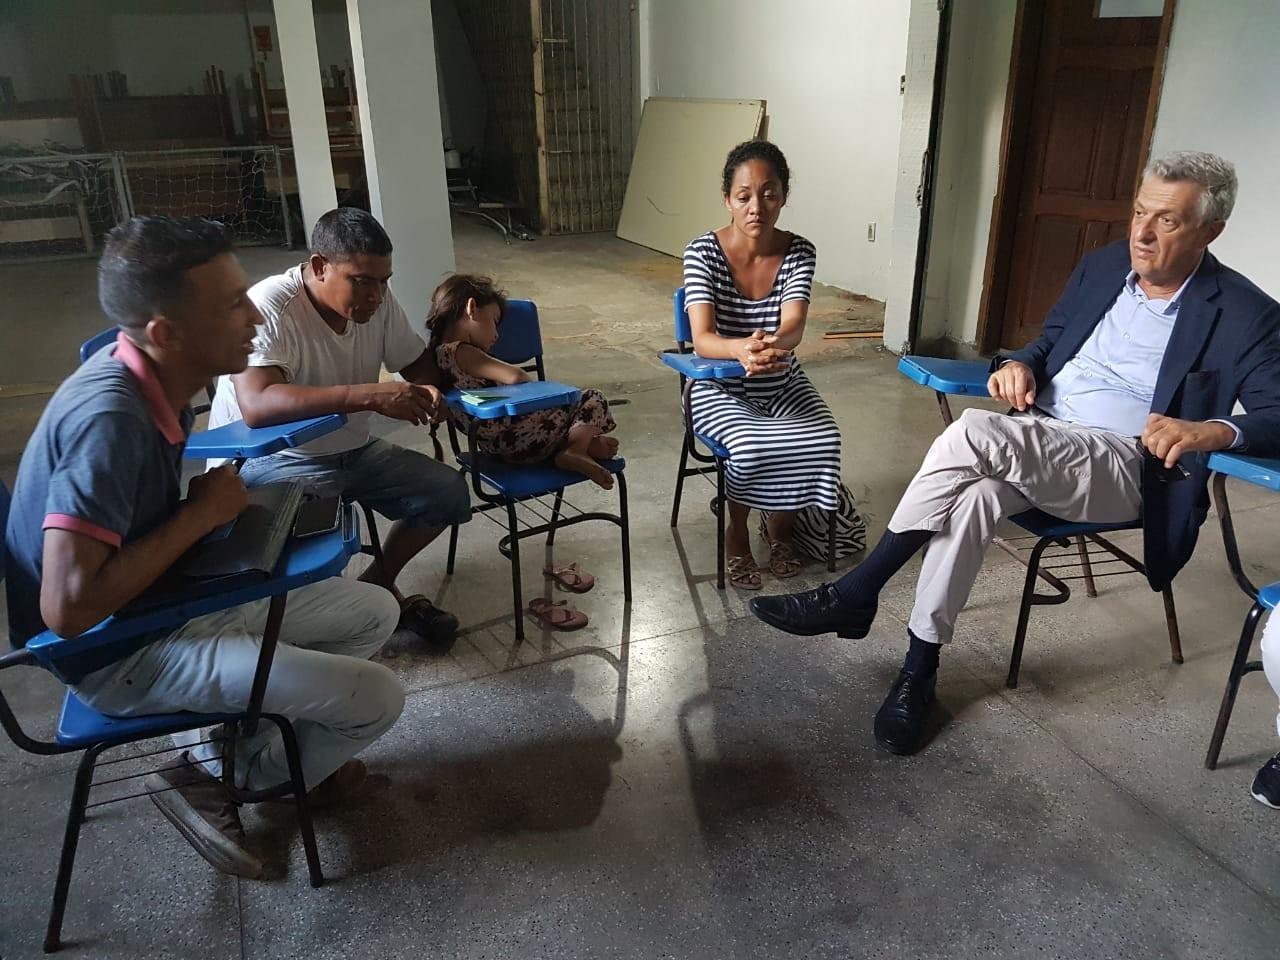 Chefe de comissão da ONU visita abrigos e conversa com refugiados venezuelanos em Manaus - Notícias - Plantão Diário